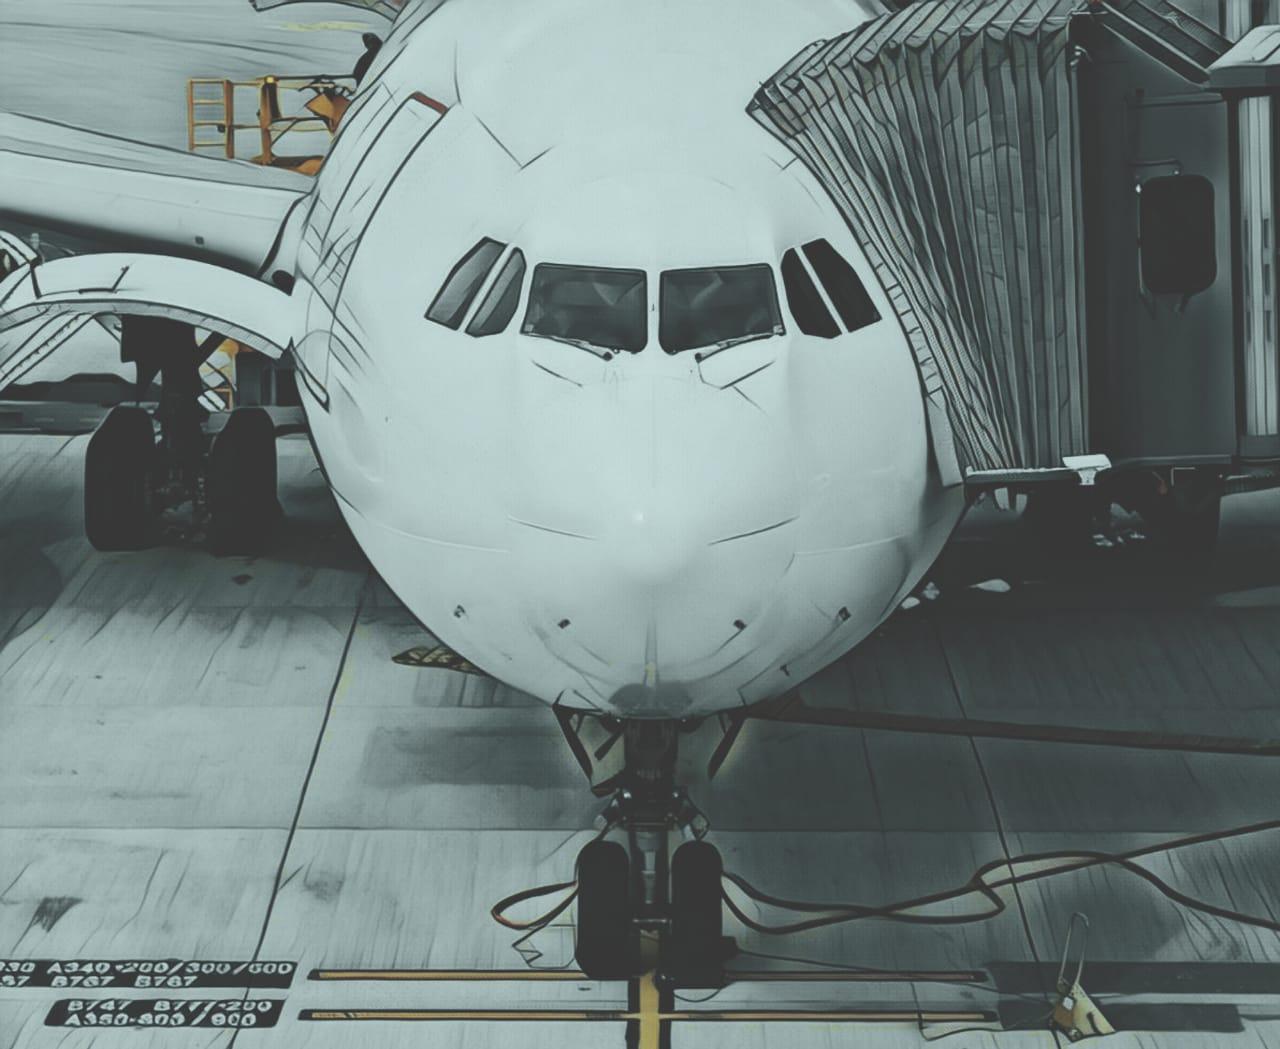 https: img.okezone.com content 2020 03 03 320 2177369 dampak-erupsi-4-penerbangan-dari-bandara-adi-soemarmo-dibatalkan-79BmCWtGXi.jpg